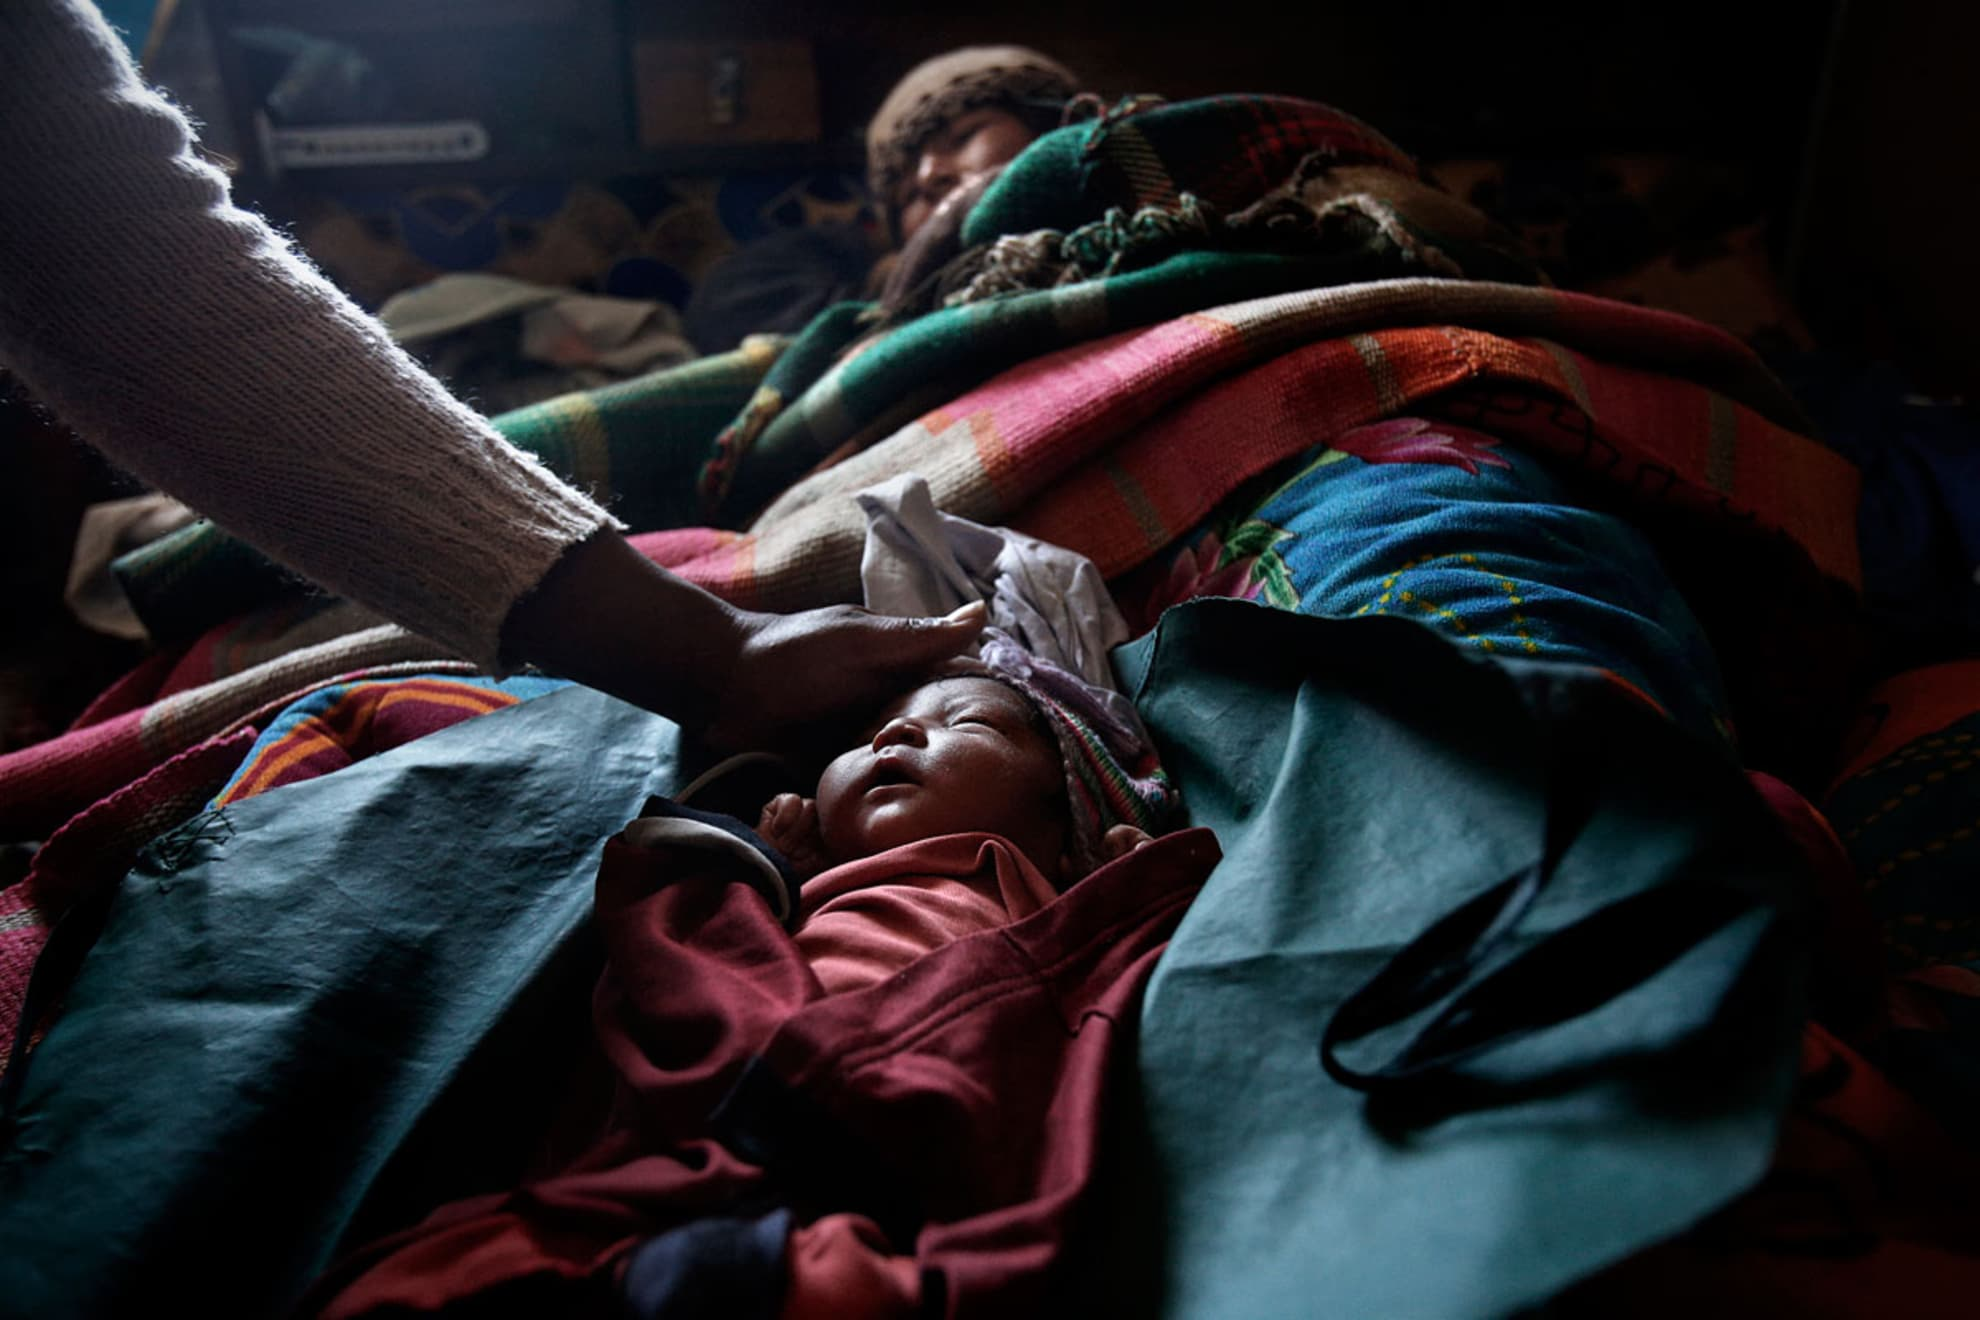 Elsa Quispe Matías de Fila a lado de su bebe un día después del parto. Elsa tuvo el bebe en su casa con la ayuda de su marido Eduardo Fila Apaza porque no confiaba en el medicina del hospital. Tiene otros cinco hijos, todos nacidos en su casa.